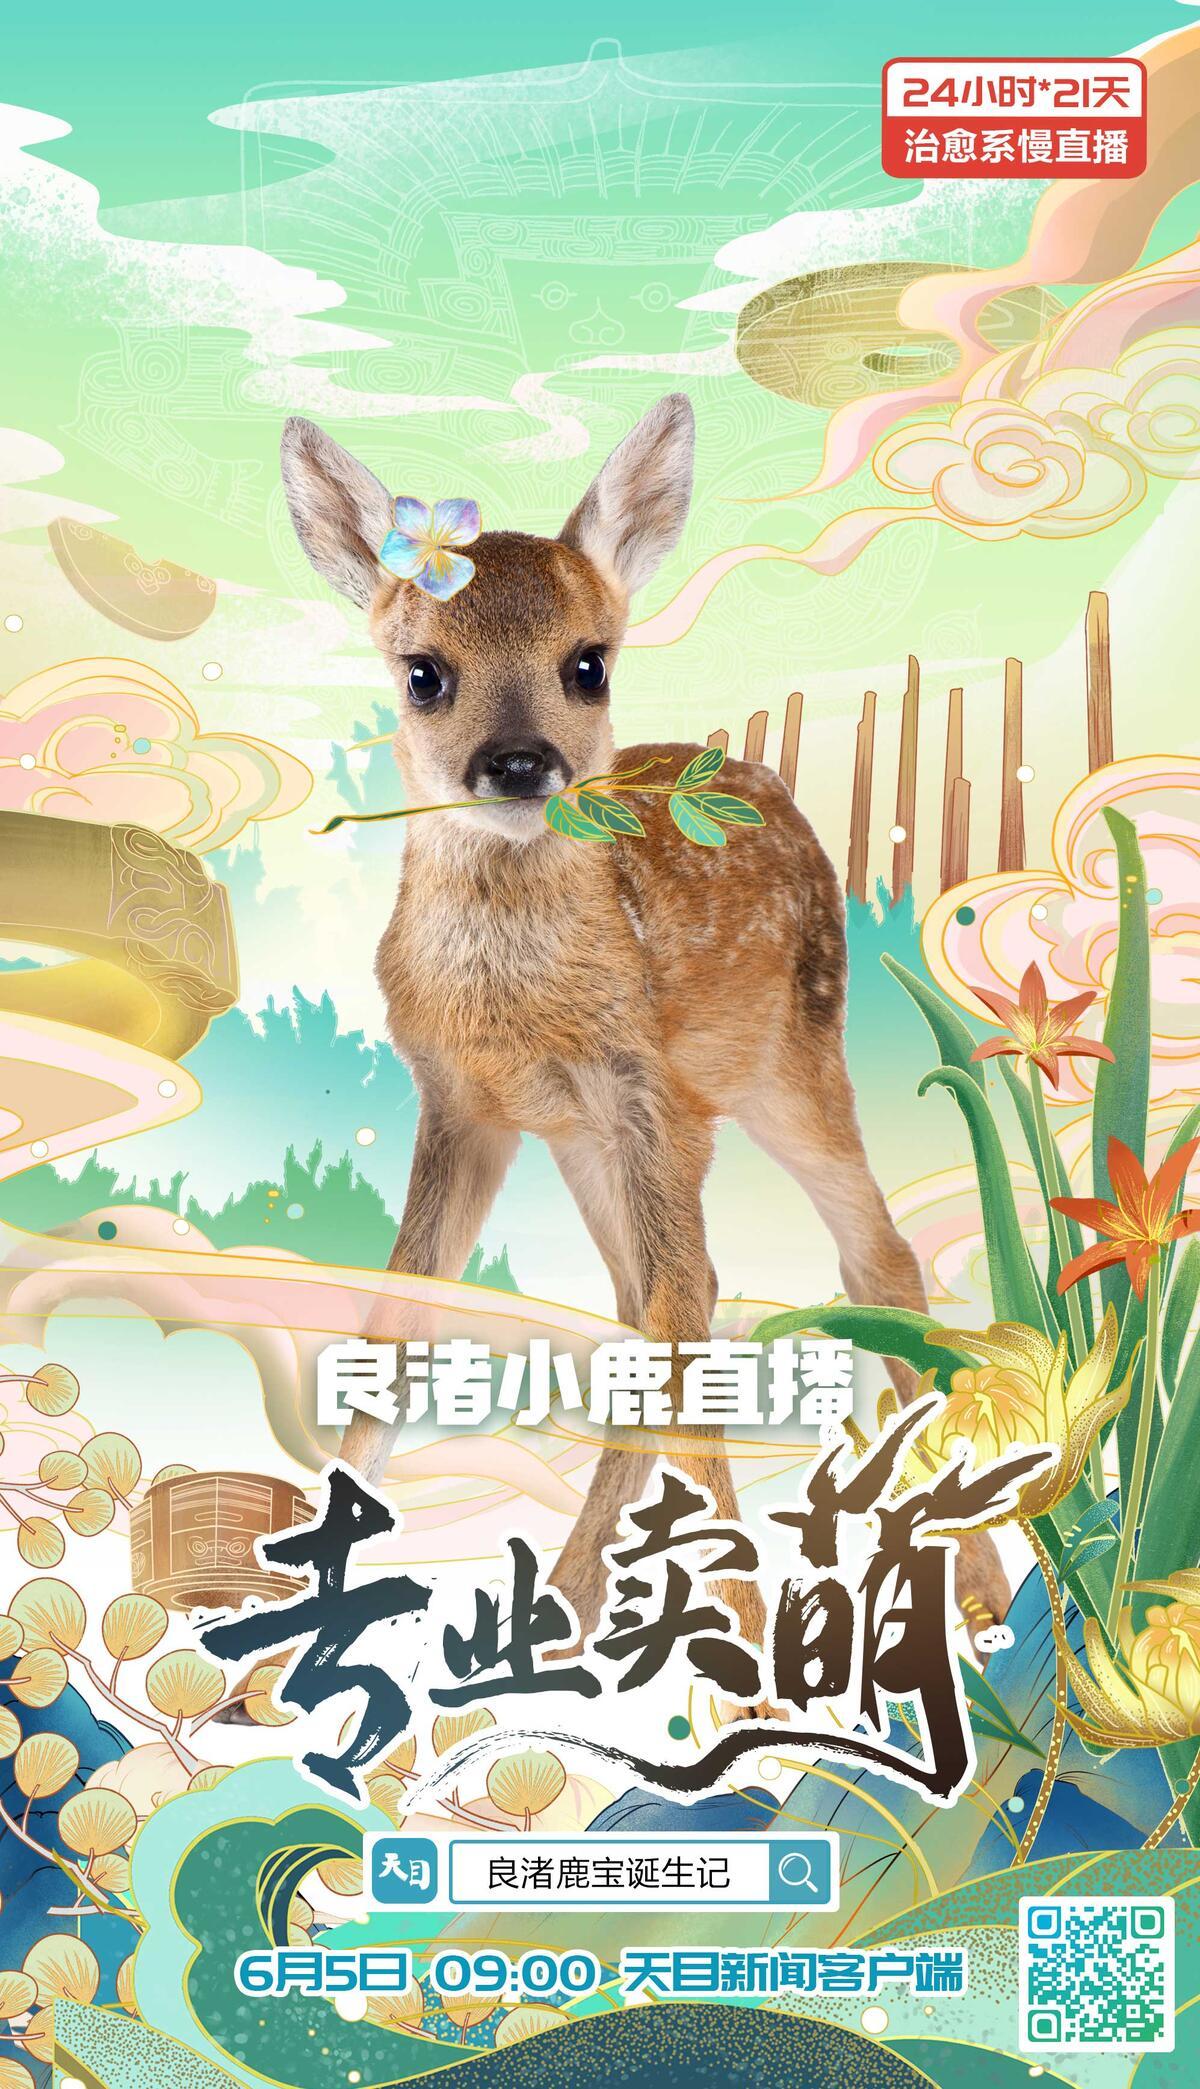 24小时慢直播:良渚小鹿今天在干嘛 ?看一眼,萌到你心化